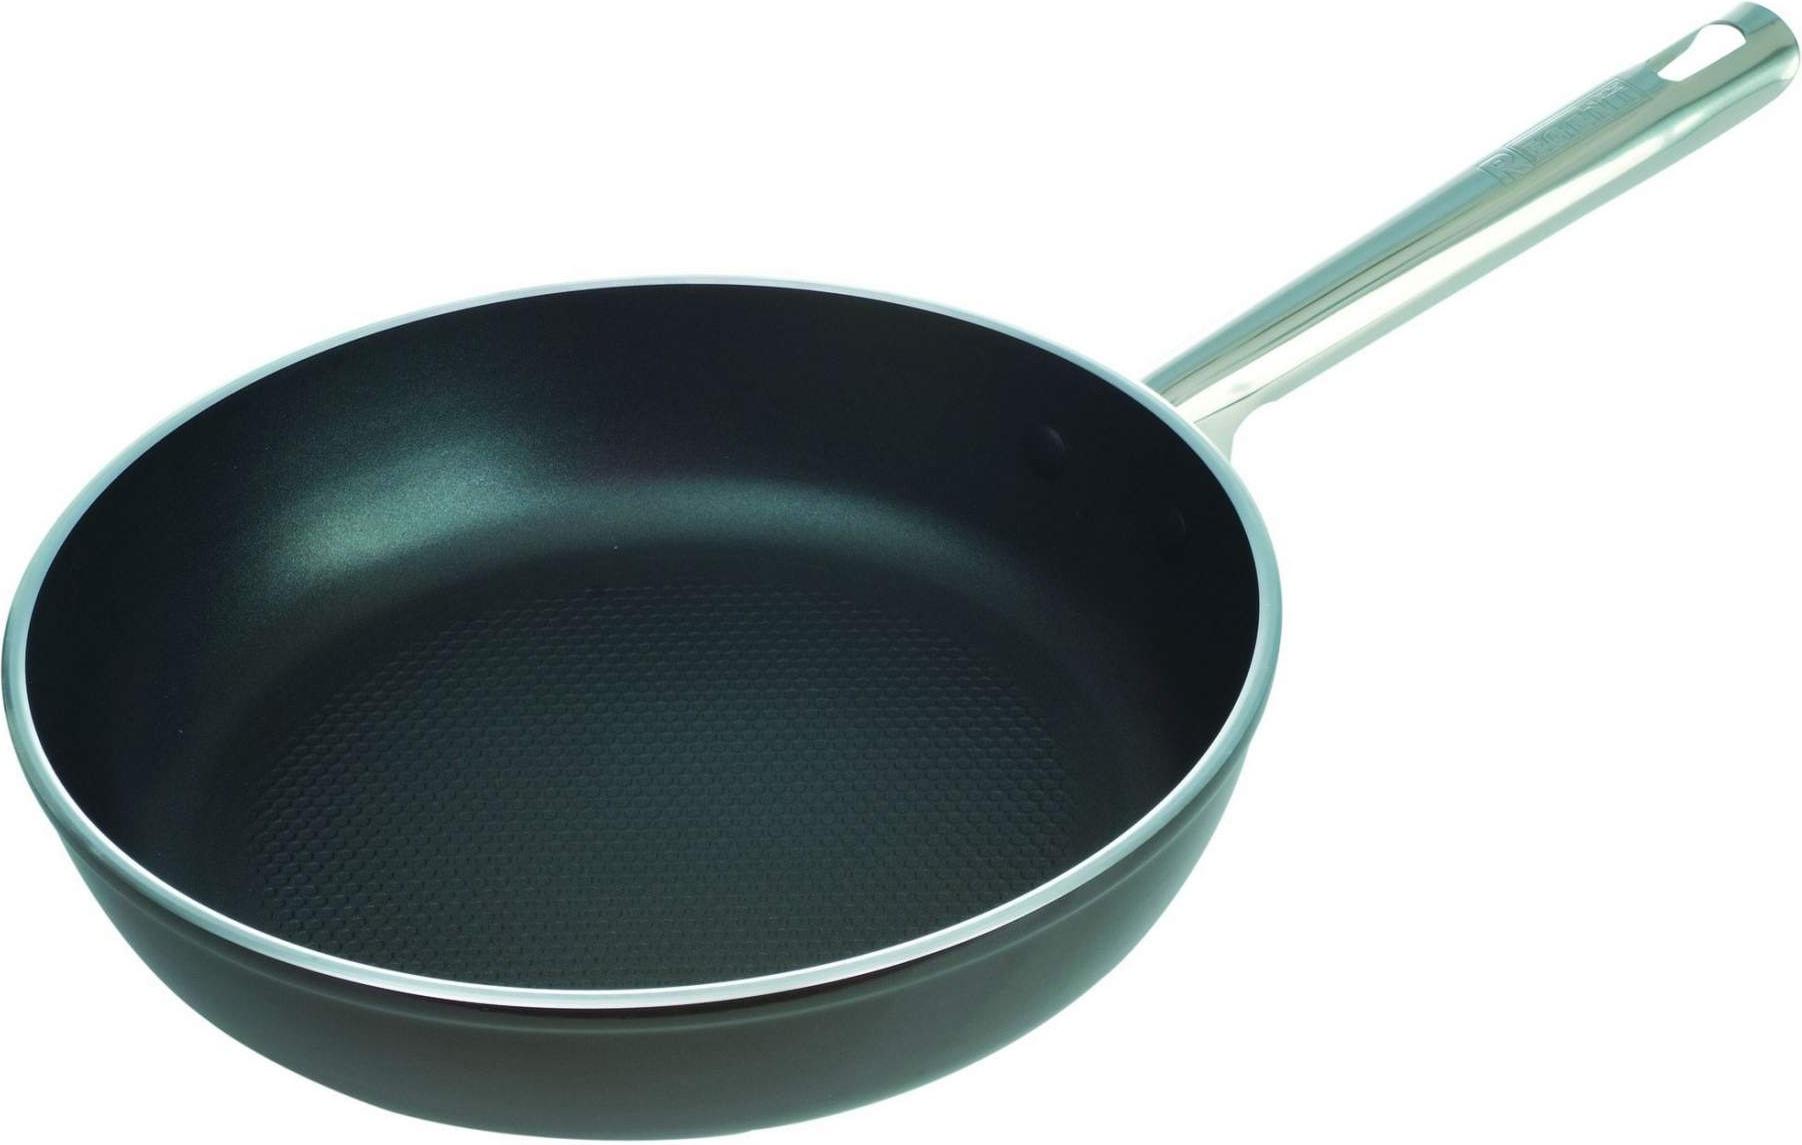 Сковорода REGENT inox Tesoro 93-AL-TE-1-20 20 см